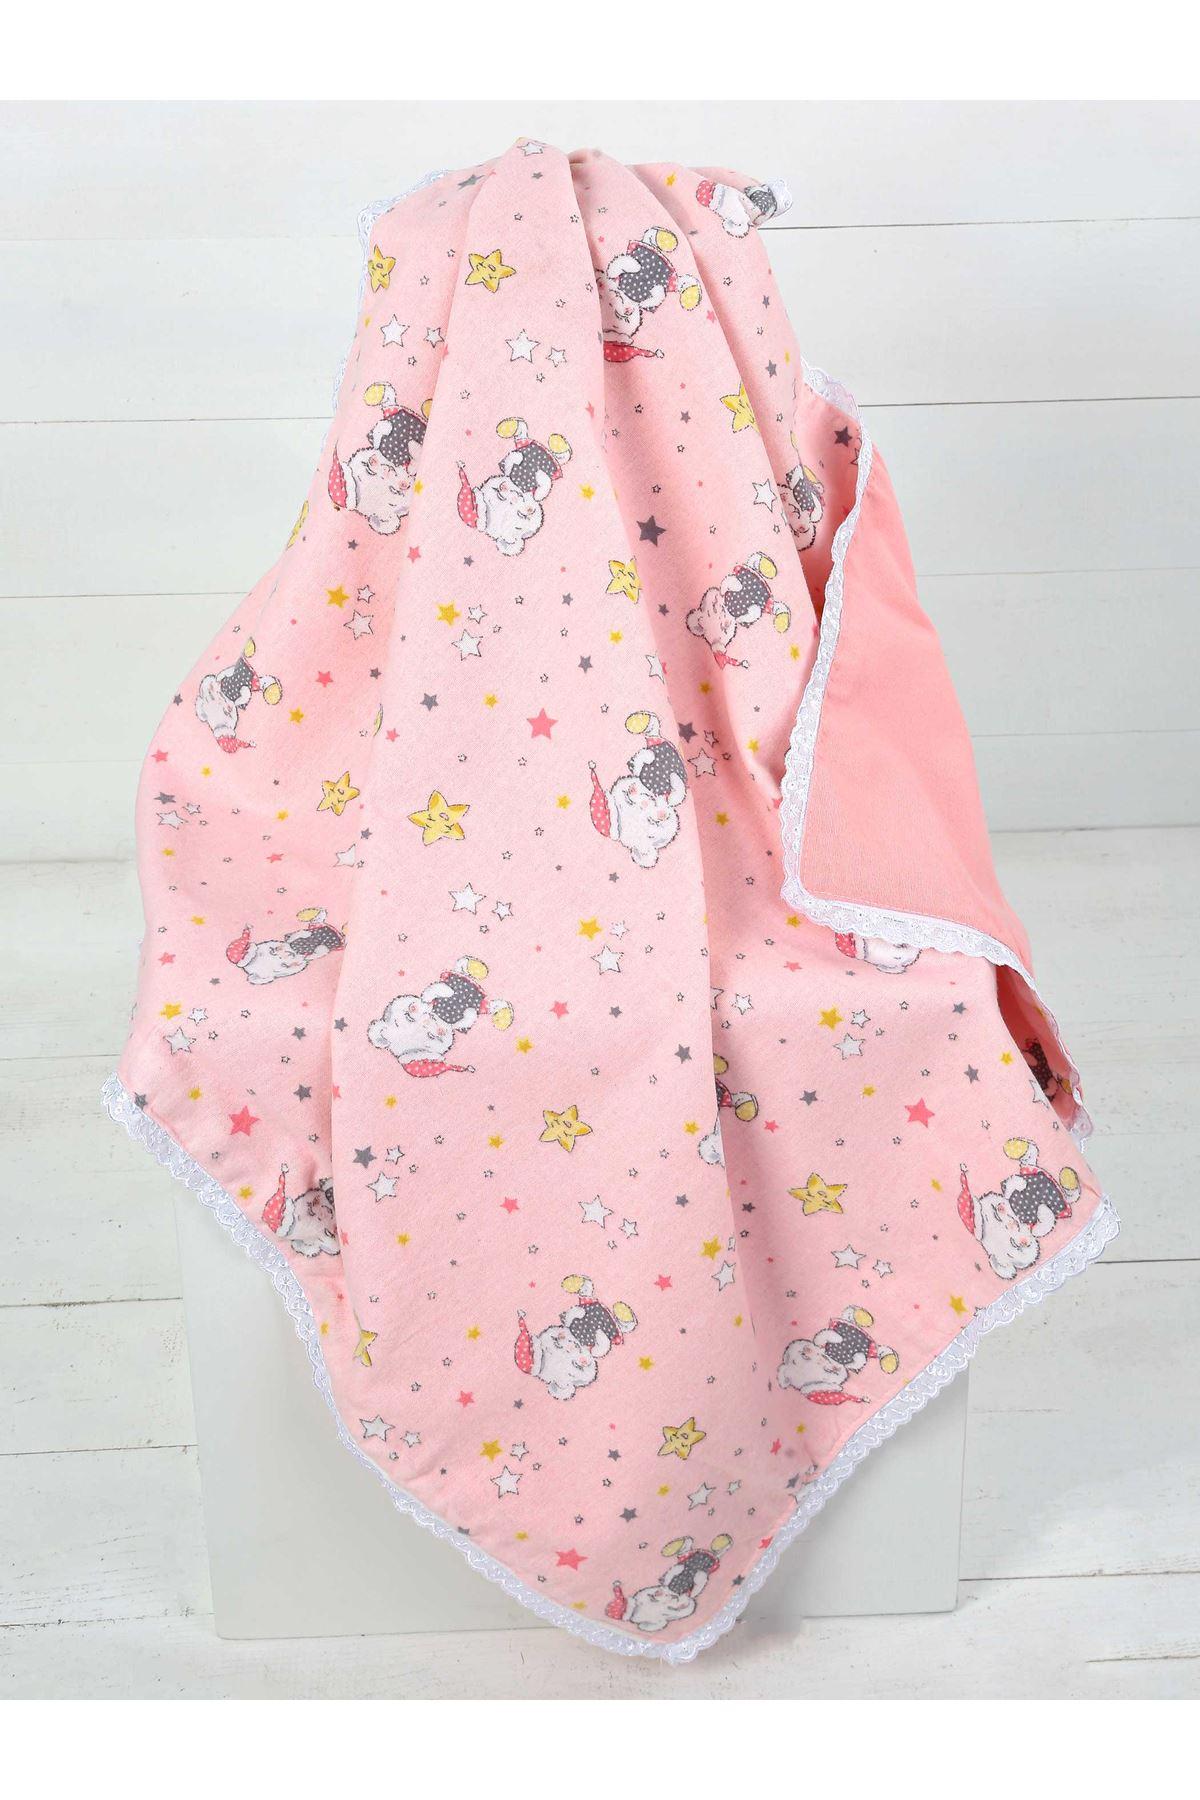 Açık Pembe Çift Kat Kız Bebek Pazen Battaniye